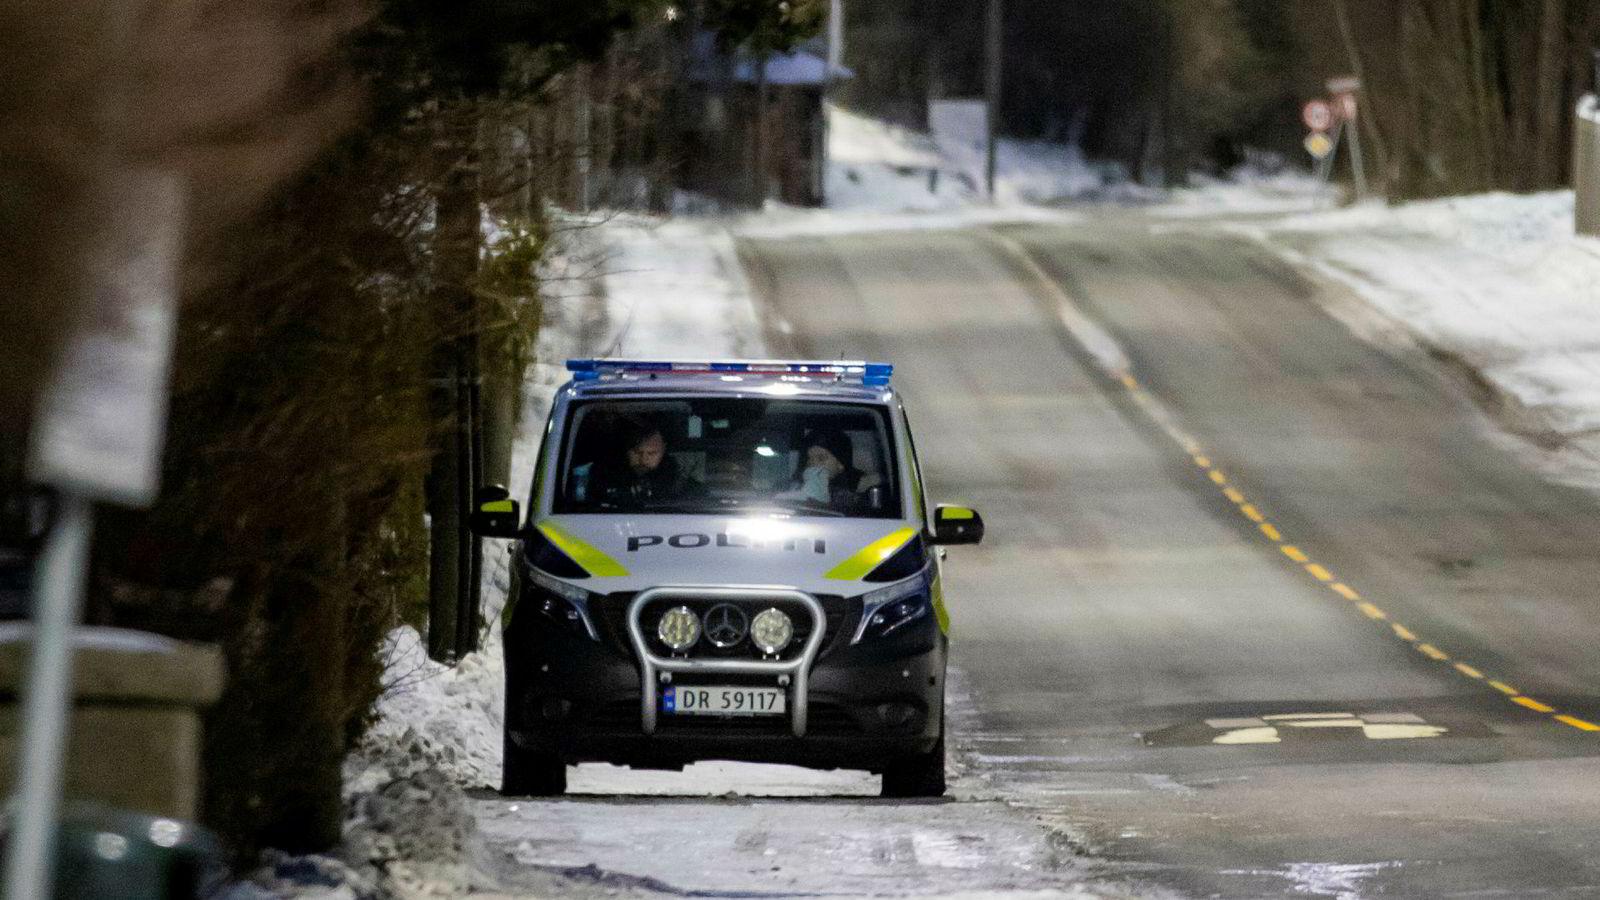 Politiet holder oppsyn med boligen til justisminister Tor Mikkel Wara etter at en bil som tilhører familien skal ha blitt påtent natt til søndag.